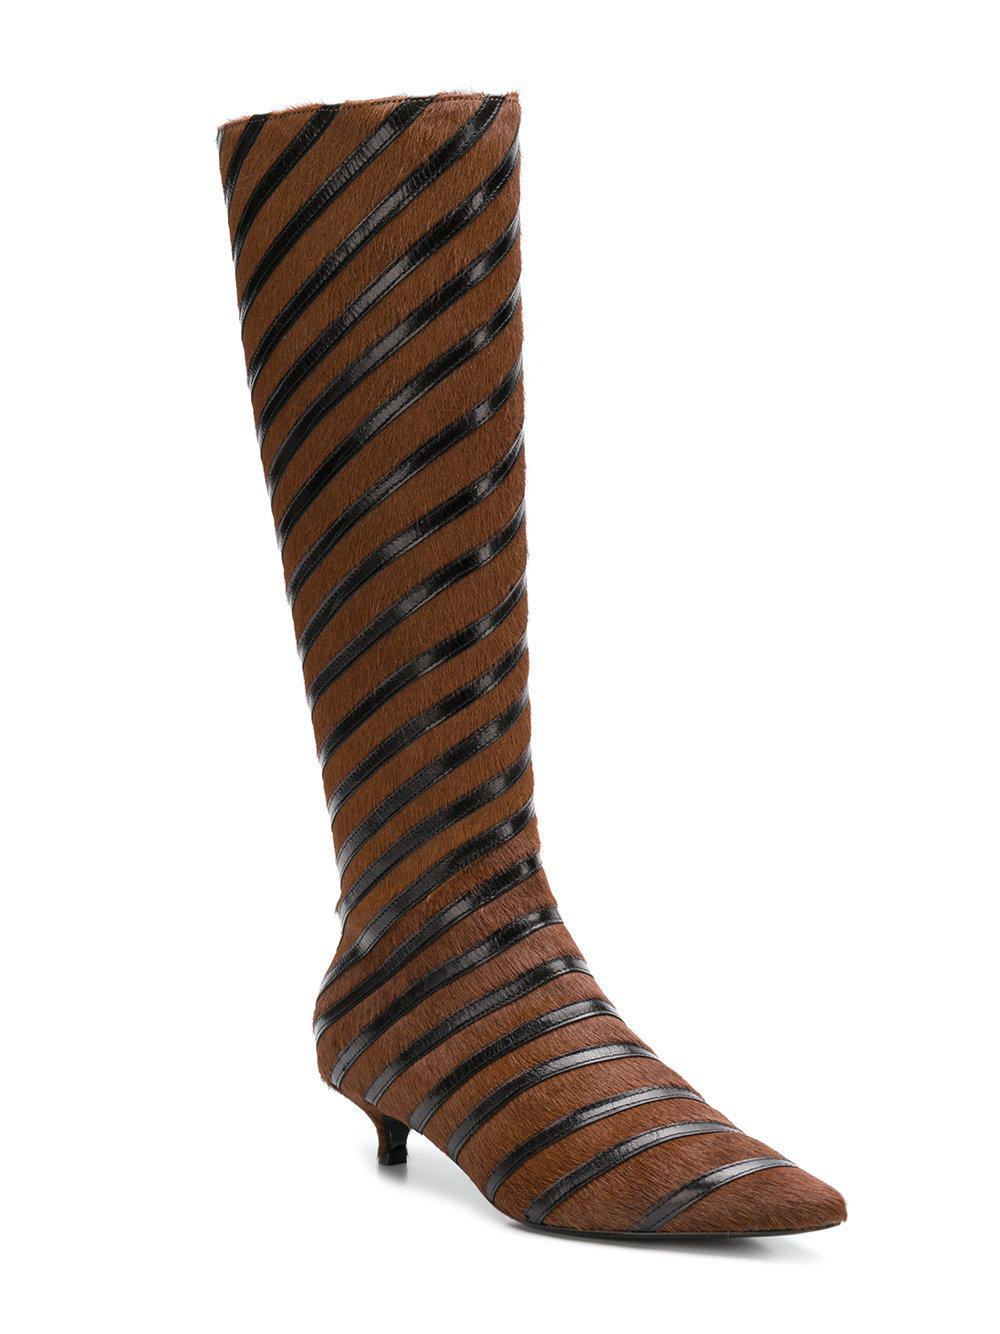 free shipping great deals Sonia Rykiel striped kitten heel boots cheap sale best sale footlocker finishline online Rw4iu4x